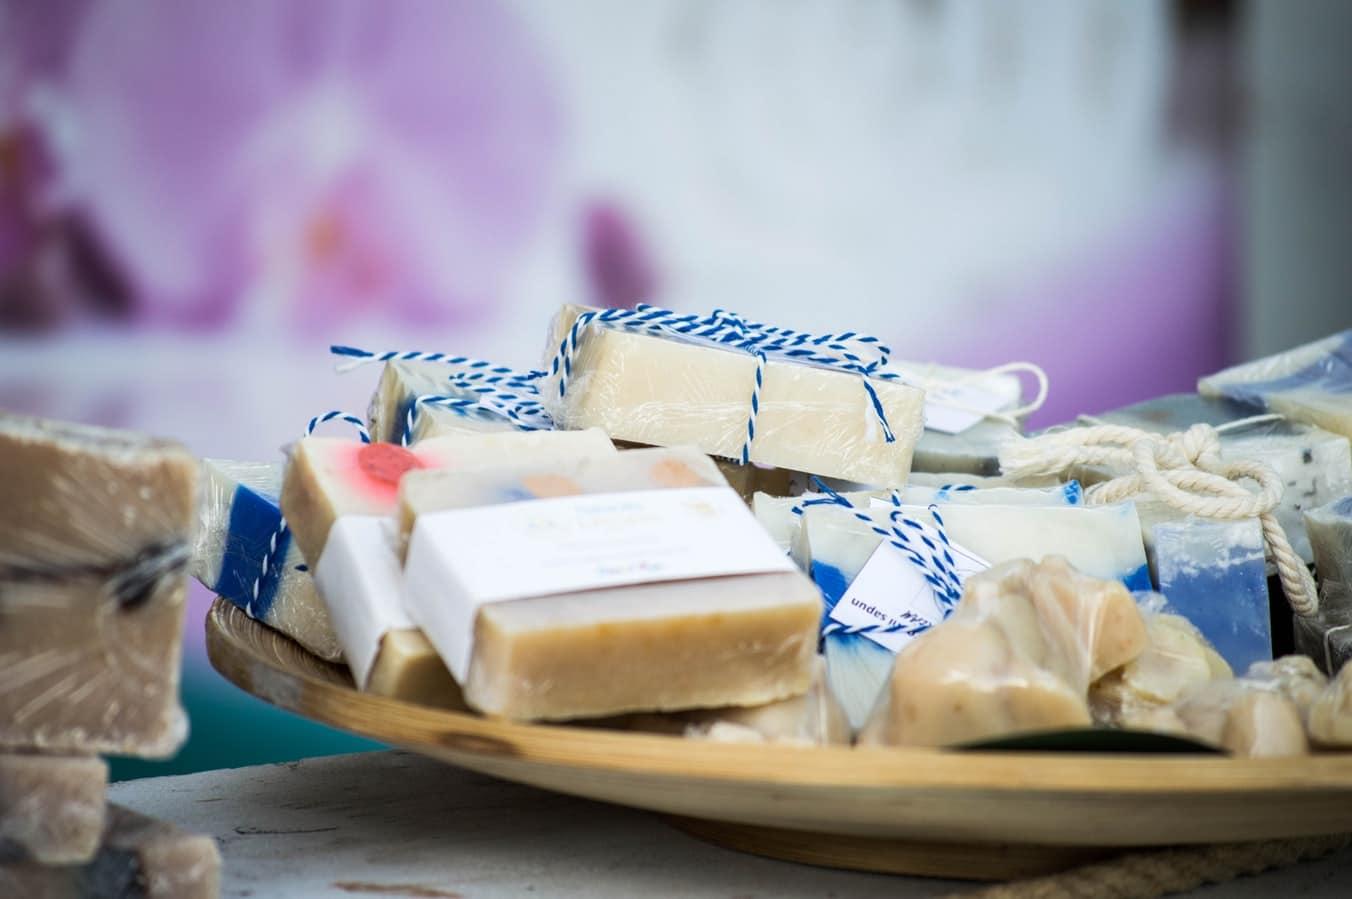 savons invités maison DIY cadeau de noel maison